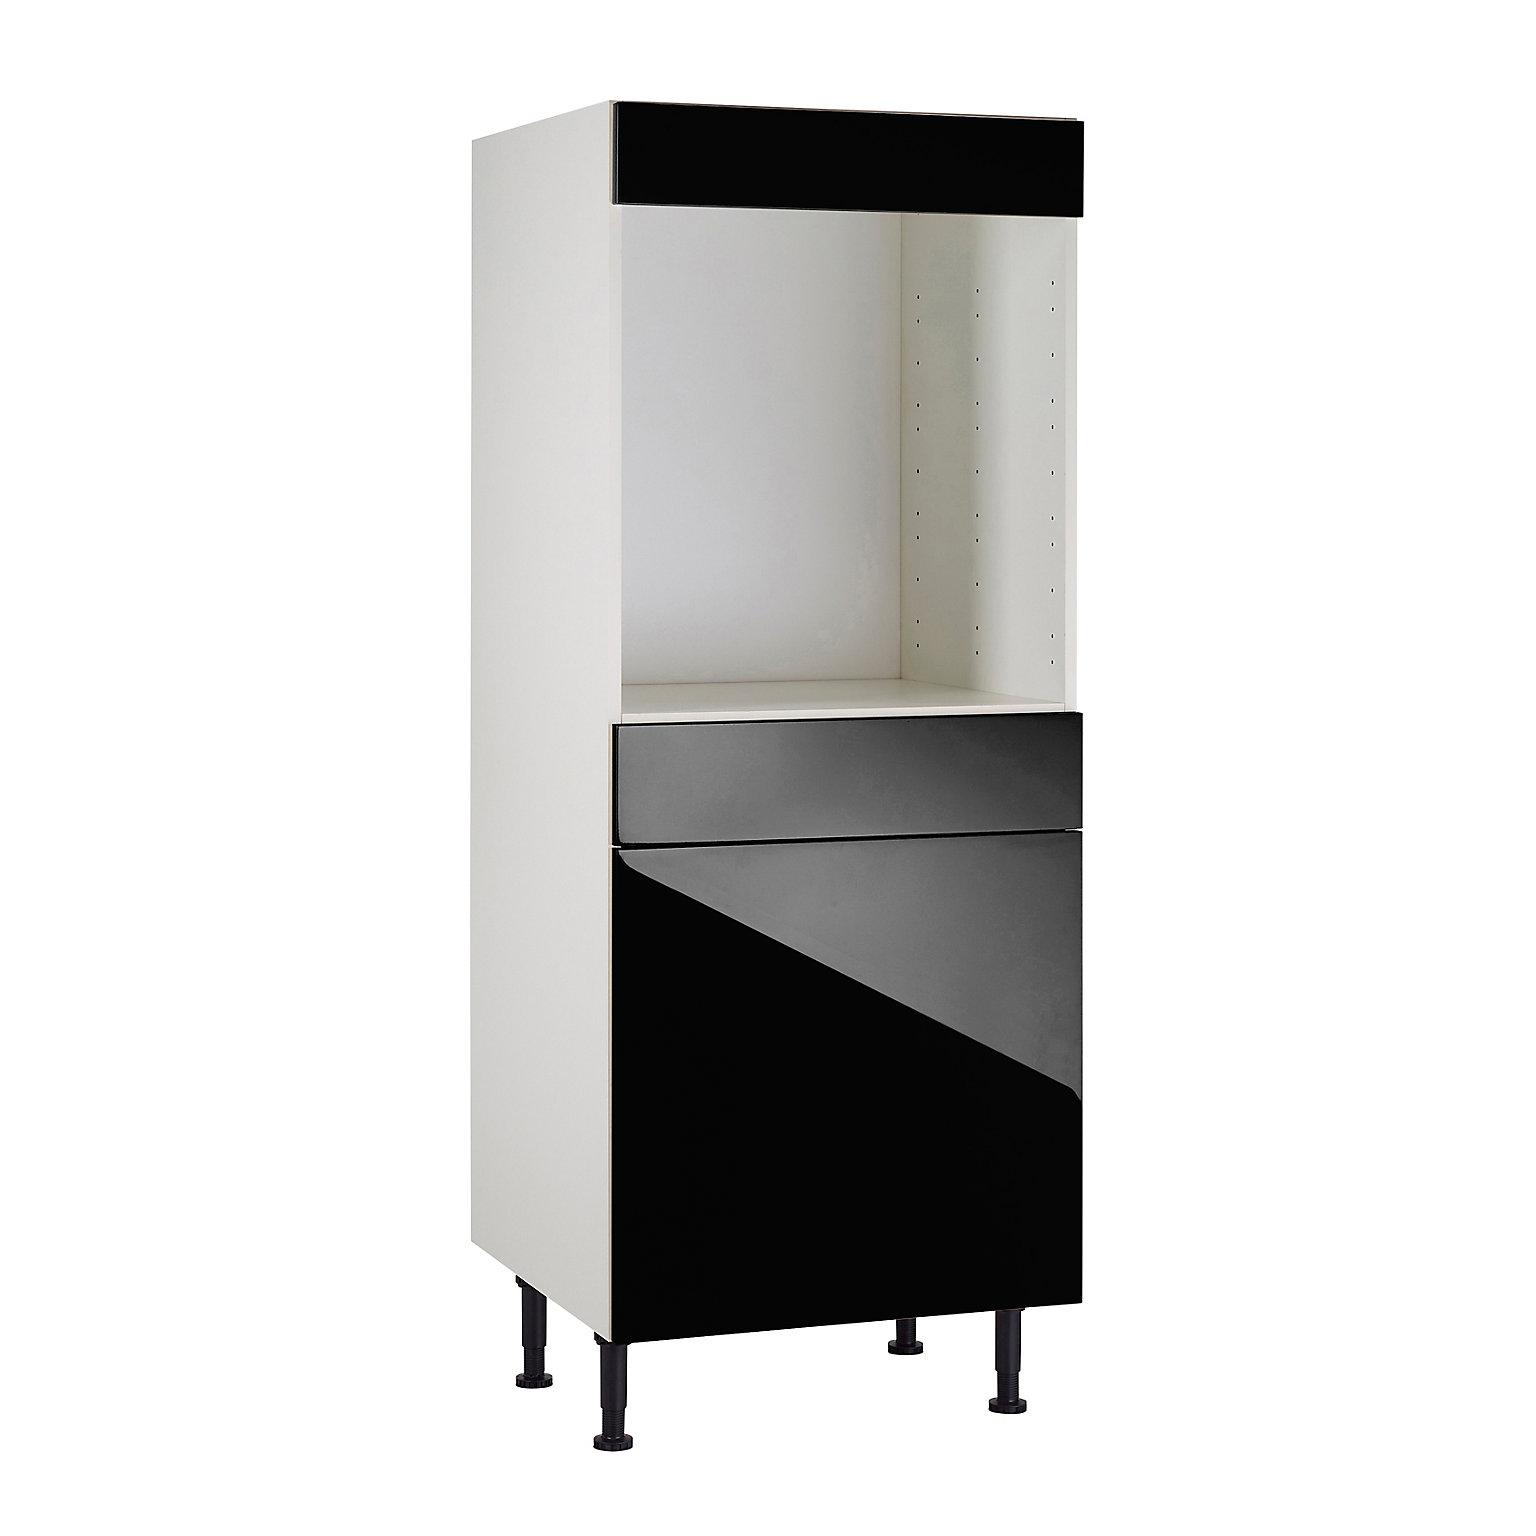 Meuble de cuisine Gossip noir façade 11111111 porte 11111111 tiroir + bandeau four +  caisson 11111111/11 colonne L. 11 cm